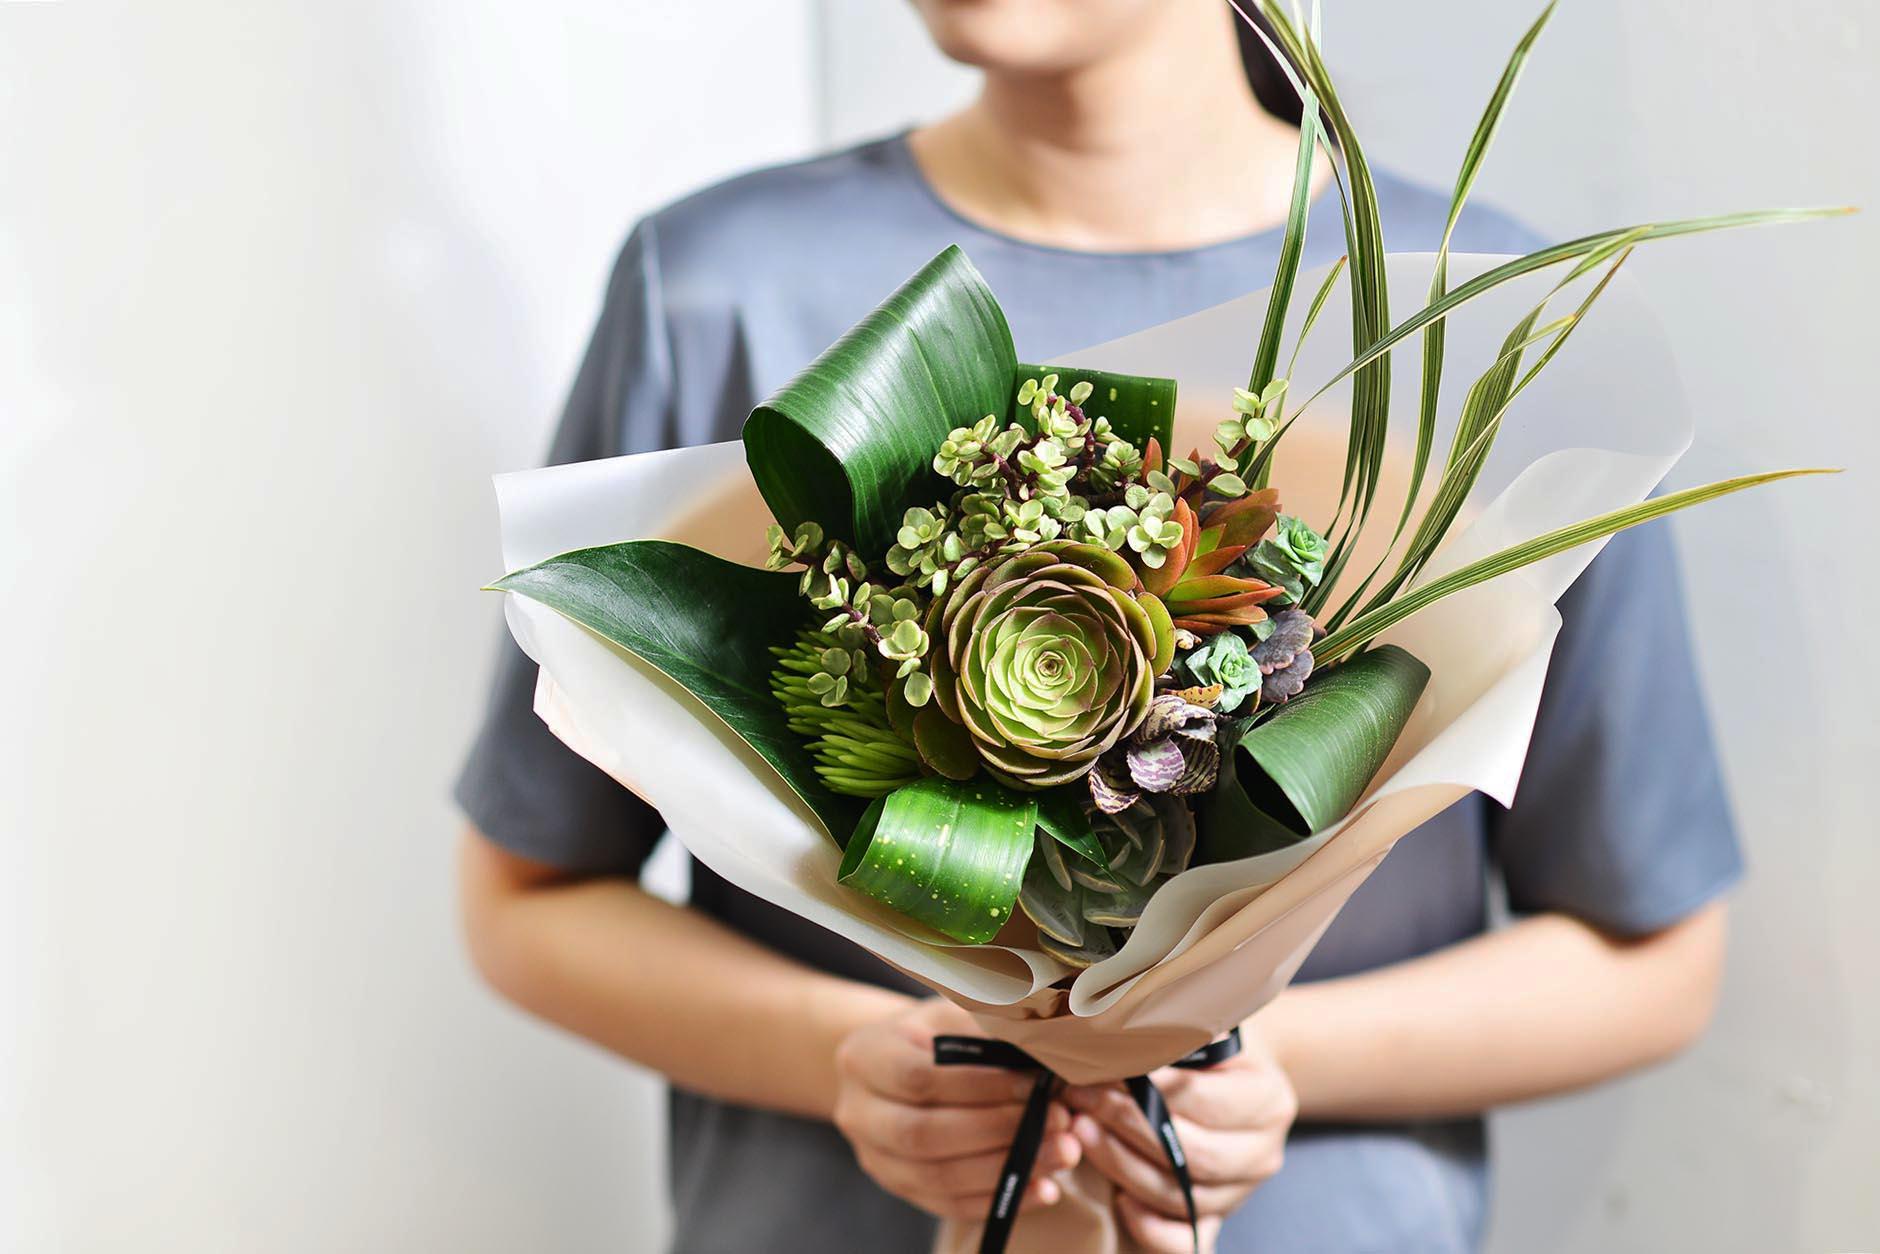 心之暖陽 – 七夕情人節限定 2021 七夕情人節花束 多肉植物花束1 1